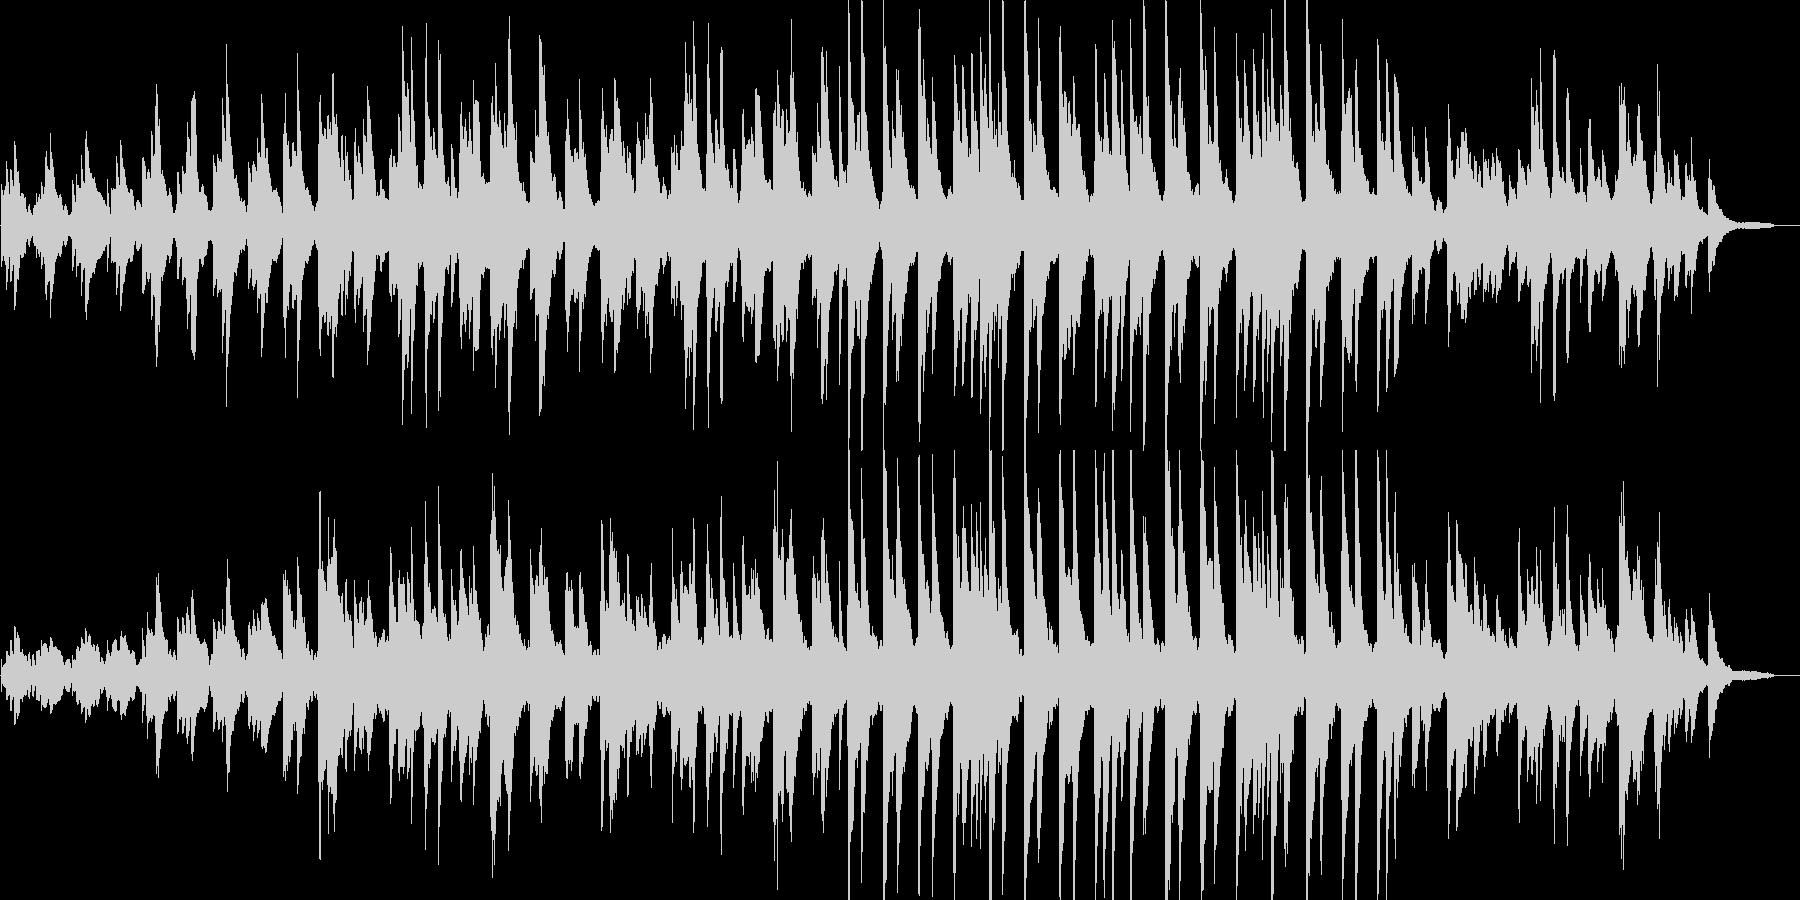 感動的・幸せ・リラックス・静けさ・ピアノの未再生の波形